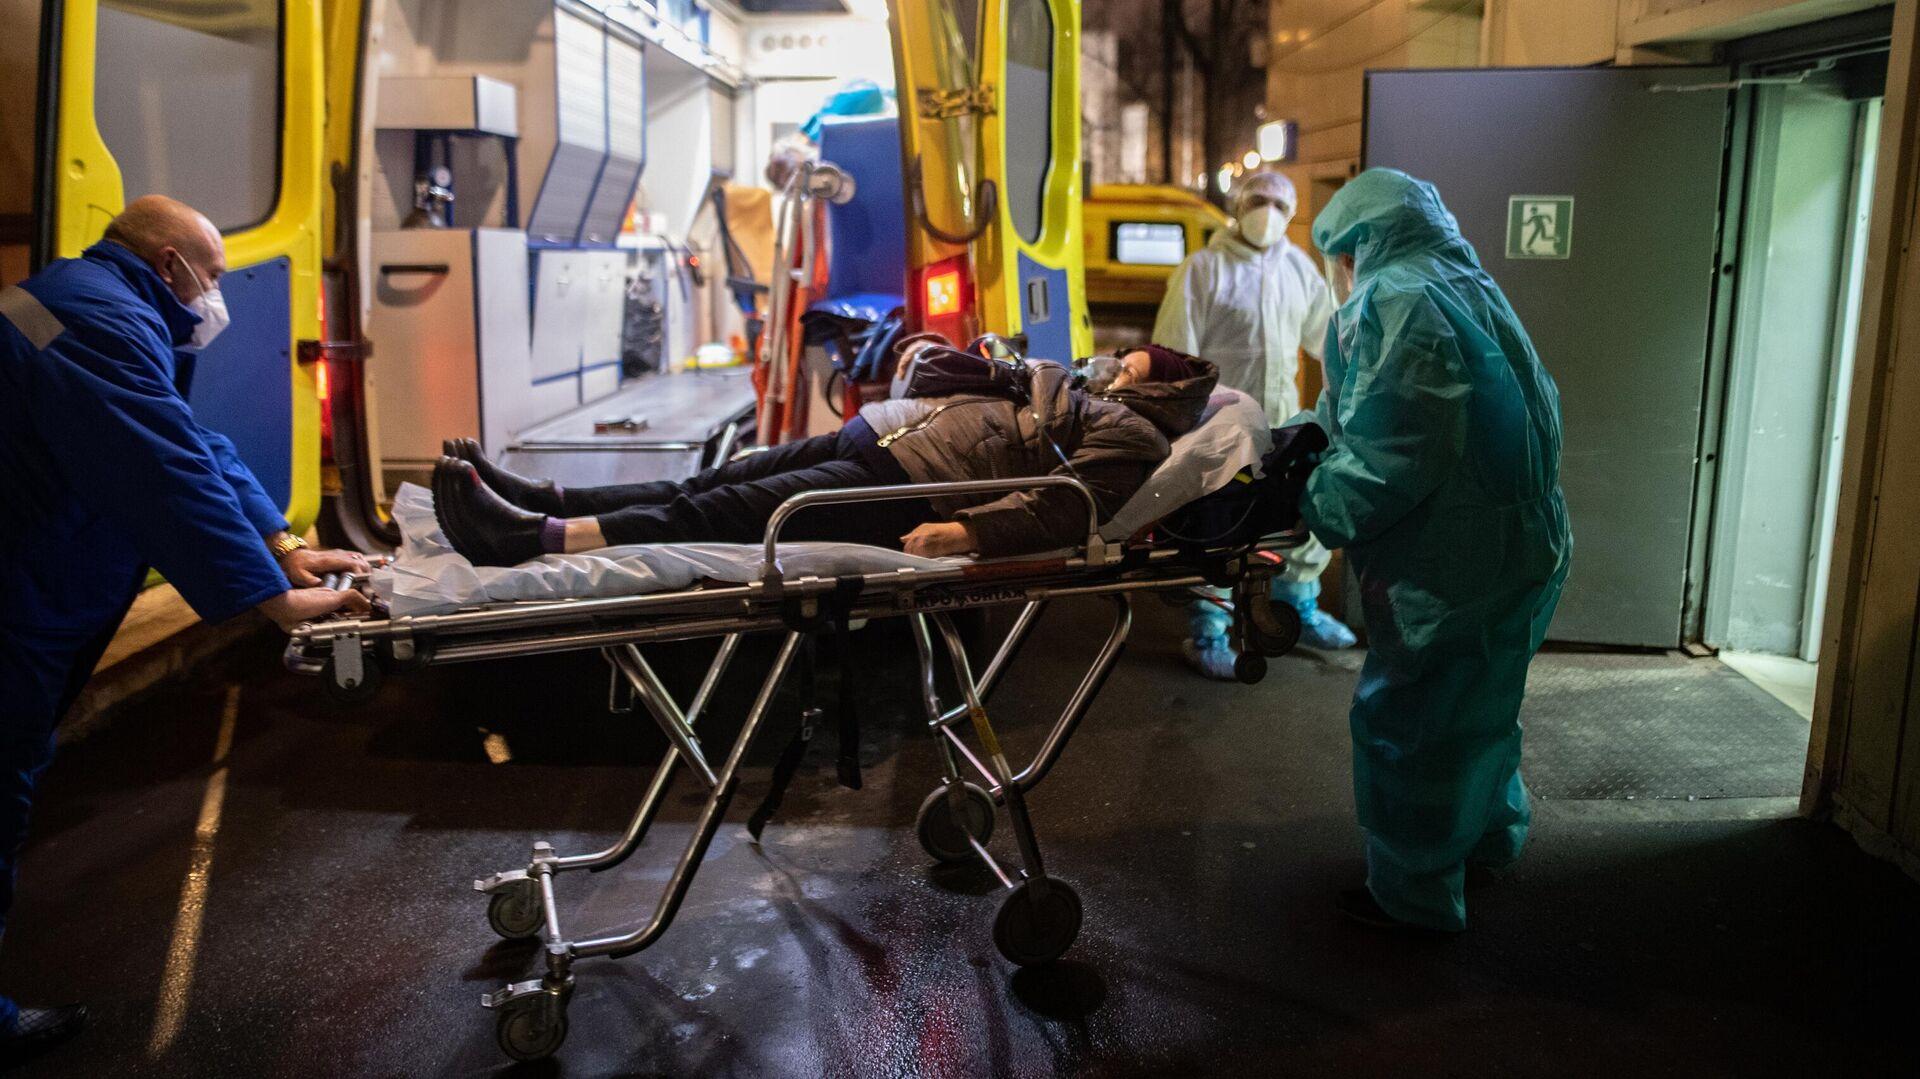 Медицинские работники доставляют пациента из машины скорой помощи в приемное отделение госпиталя COVID-19 в городской клинической больнице № 52 в Москве - РИА Новости, 1920, 28.01.2021